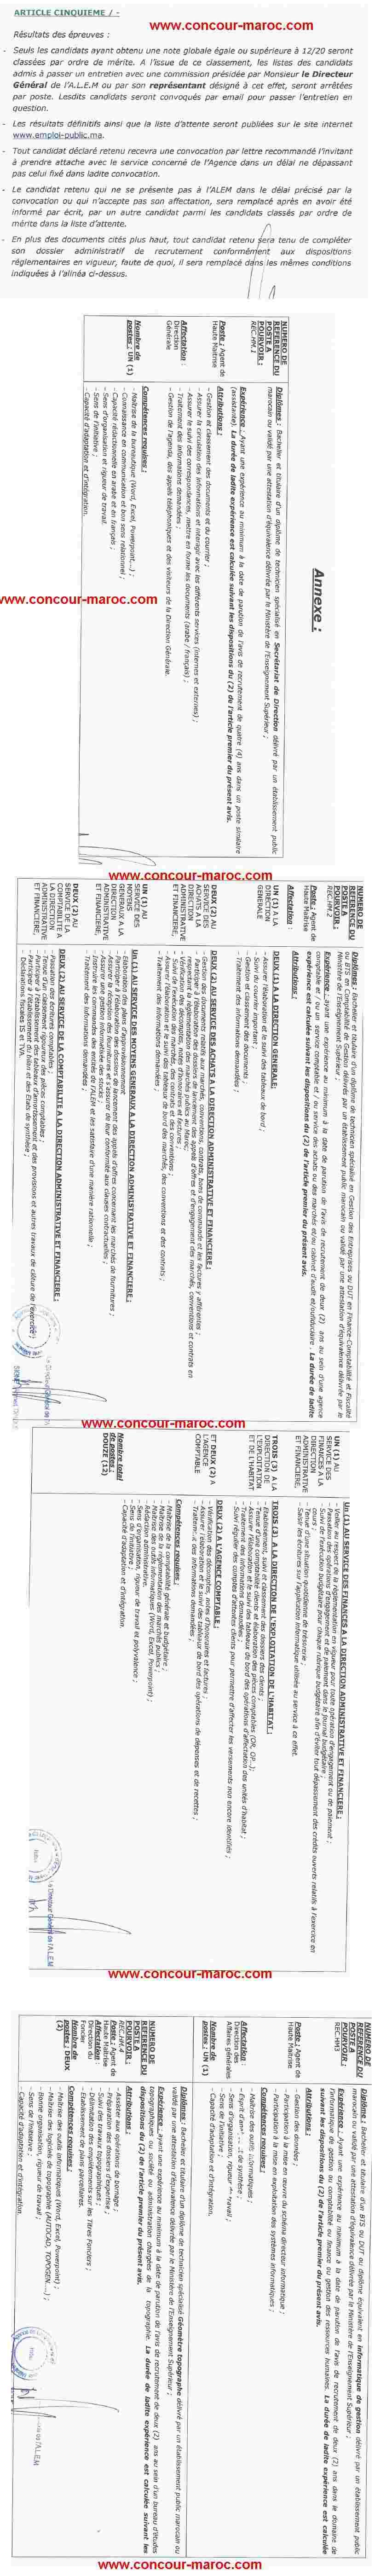 وكالة المساكن والتجهيزات العسكرية : تمديد تاريخ إيداع الترشيحات لمباراة توظيف مناصب في مجالات مختلفة (16 منصب) الى غاية9 شتنبر 2015 Conco131